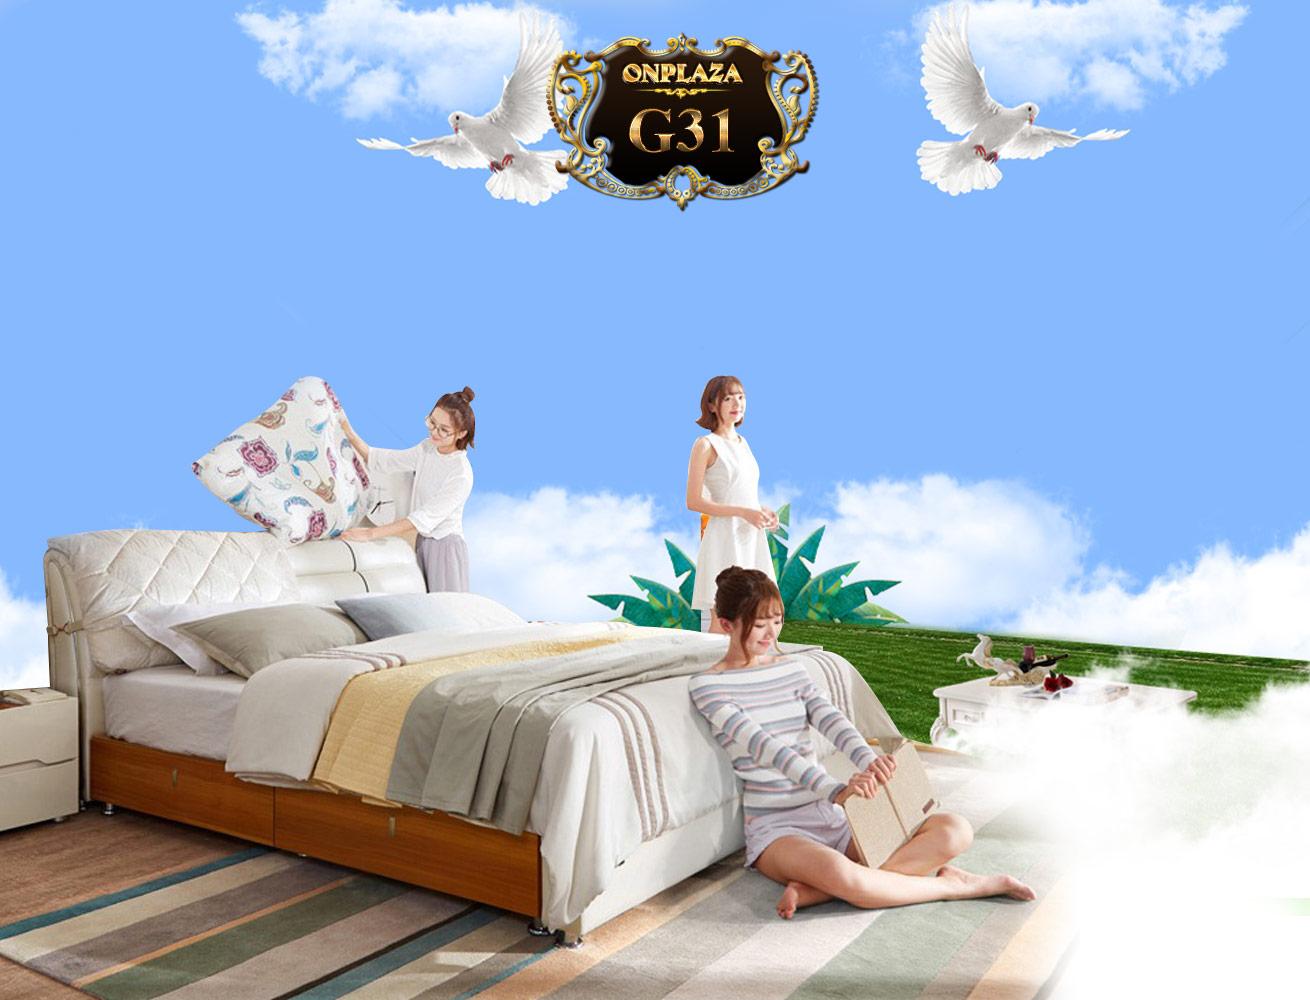 giường ngủ gỗ có ngăn kéo bọc da đầu giường cao cấp nhập khẩu giá rẻ